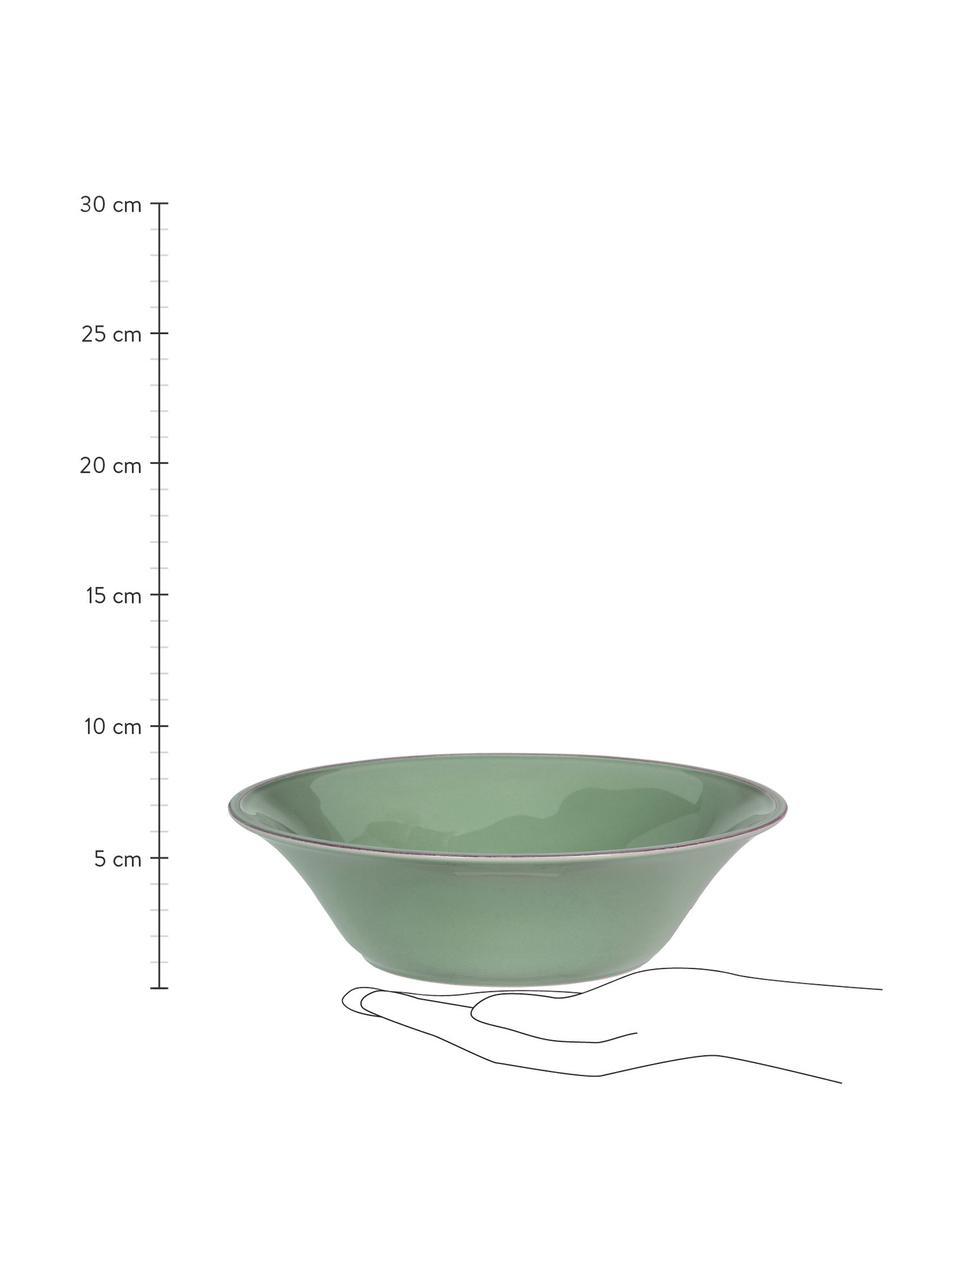 Salatschüssel Constance im Landhaus Style aus Steingut, Ø 30 cm, Steingut, Salbeigrün, Ø 30 x H 9 cm